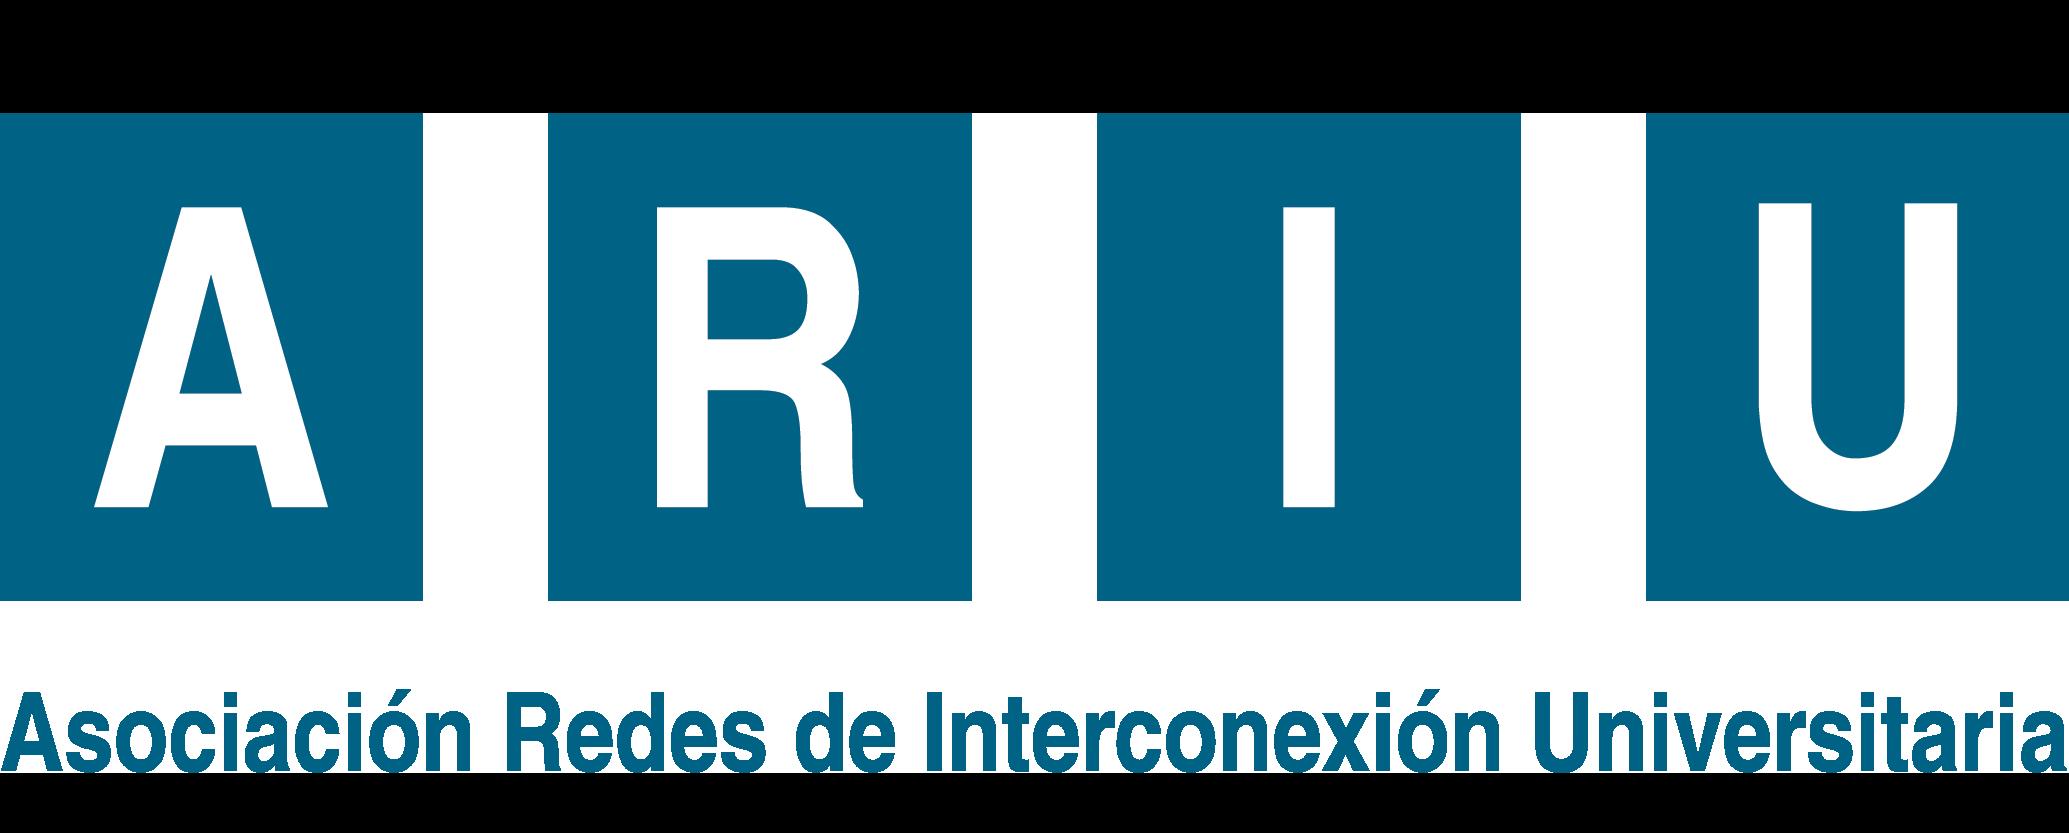 ARIU – Asociación de Redes de Interconexión Universitaria